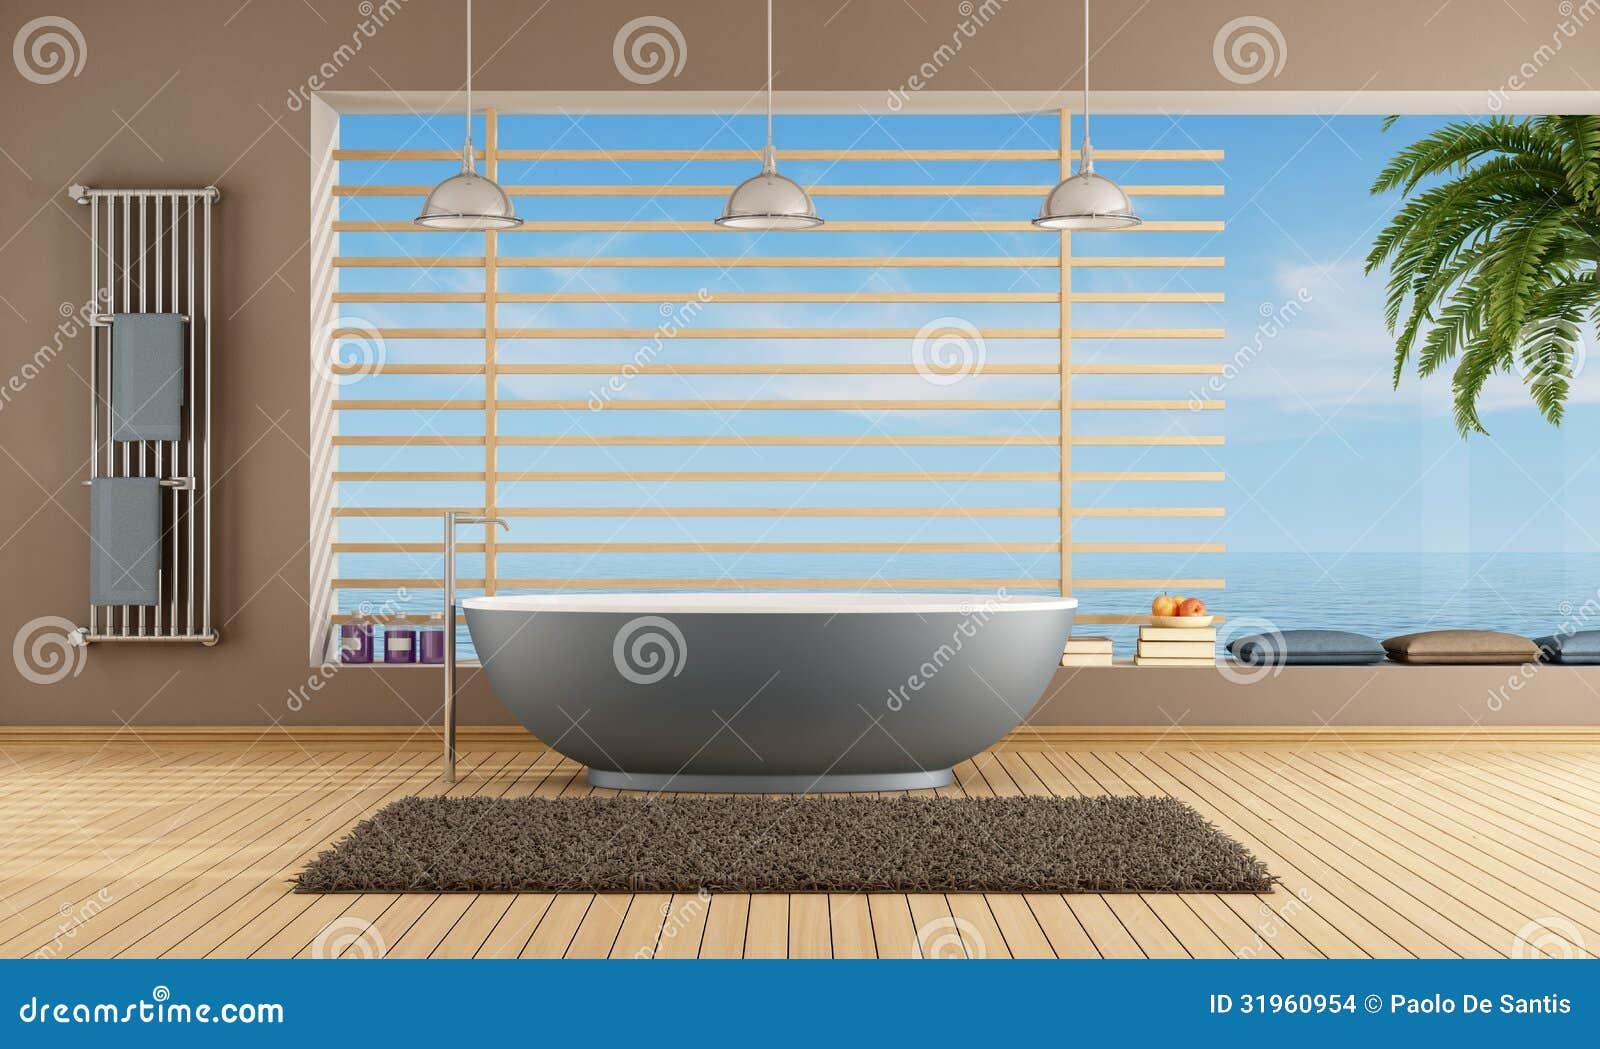 Banheiro Moderno Com Banheira Azul Imagens de Stock  Imagem 31960954 -> Banheiros Modernos Azul